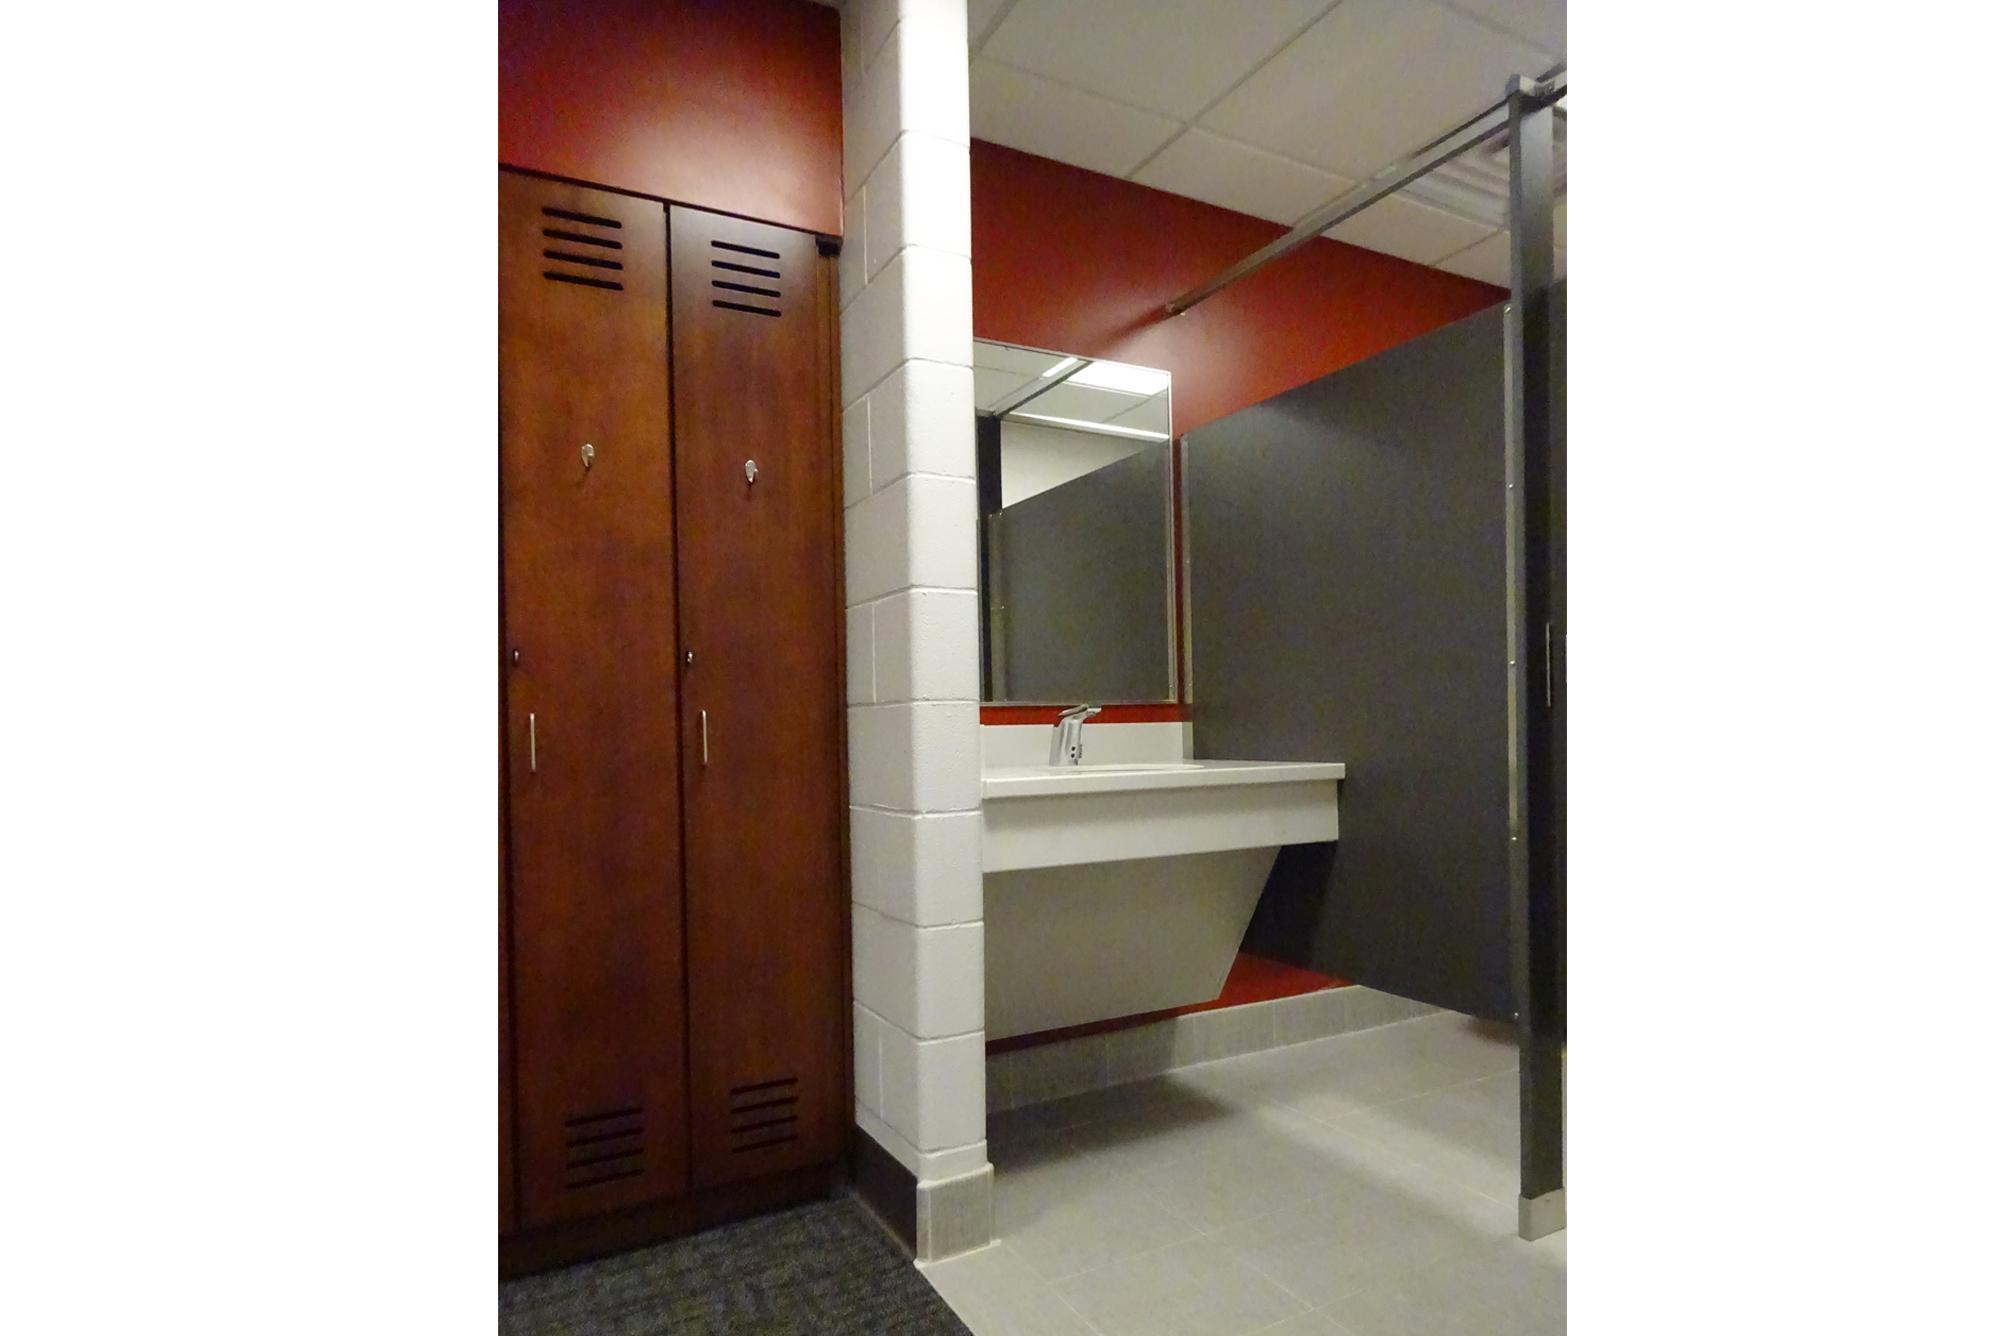 Brown Pizzitola Locker Rooms 4.jpg